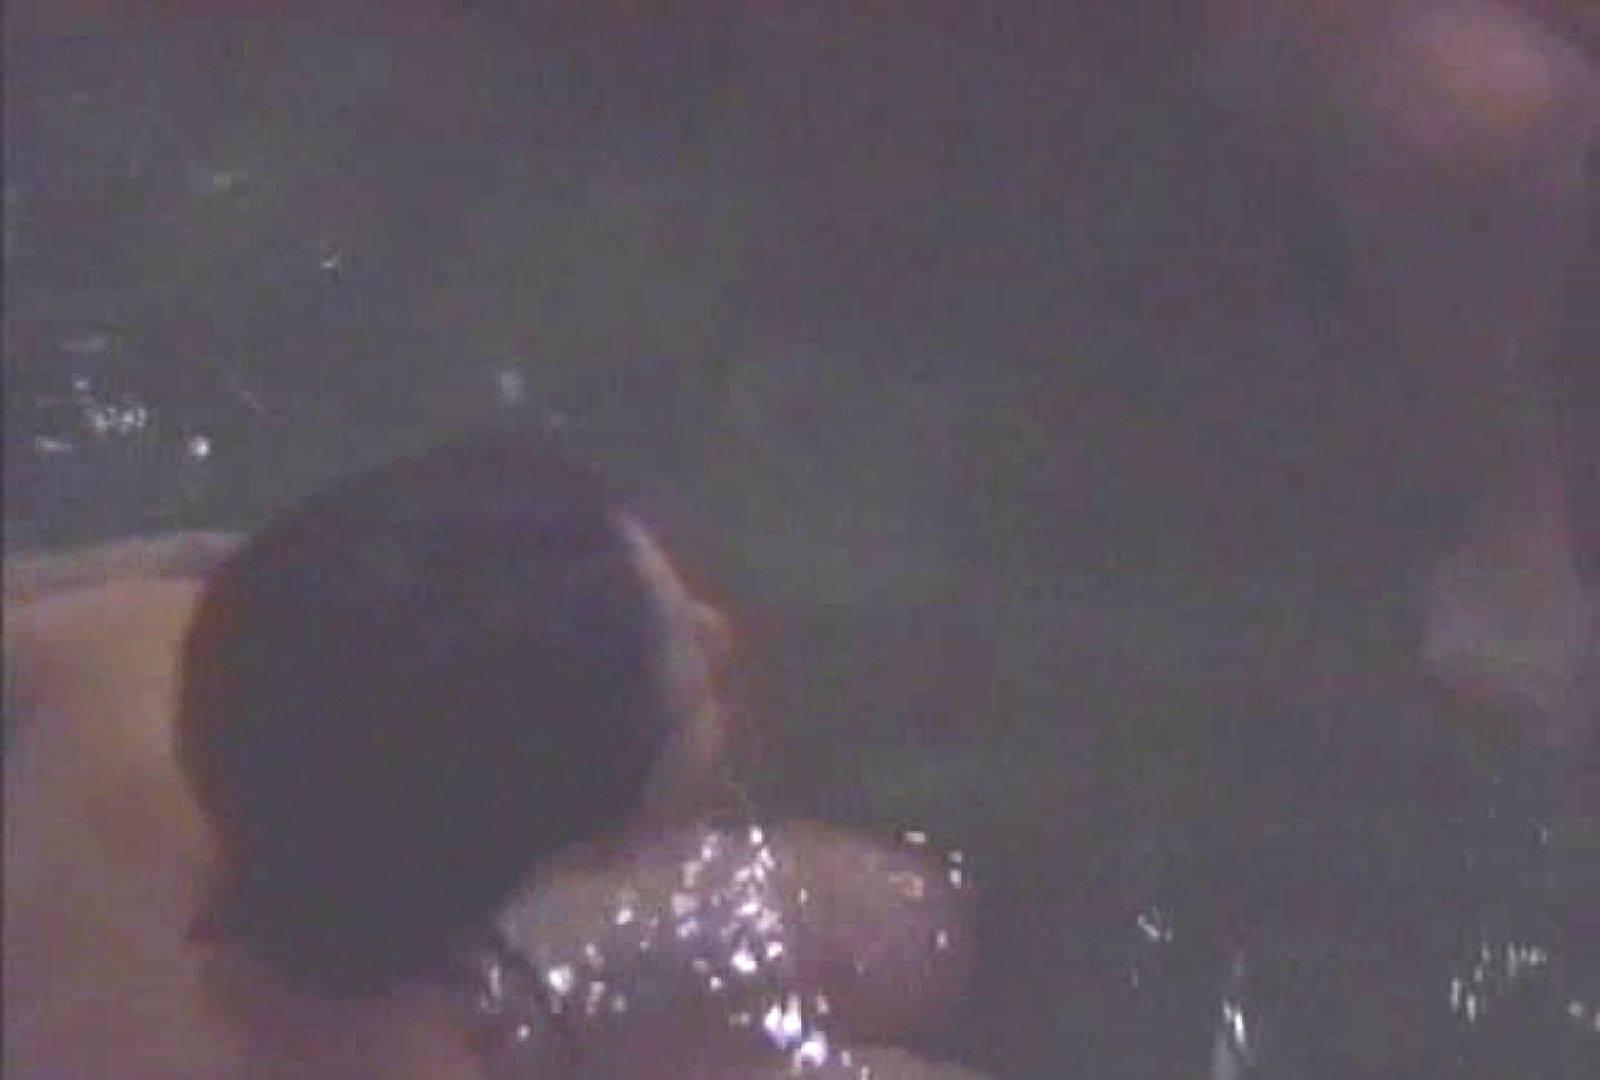 素人投稿シリーズ 盗撮 覗きの穴場 大浴場編  Vol.2 投稿物 えろ無修正画像 96連発 34